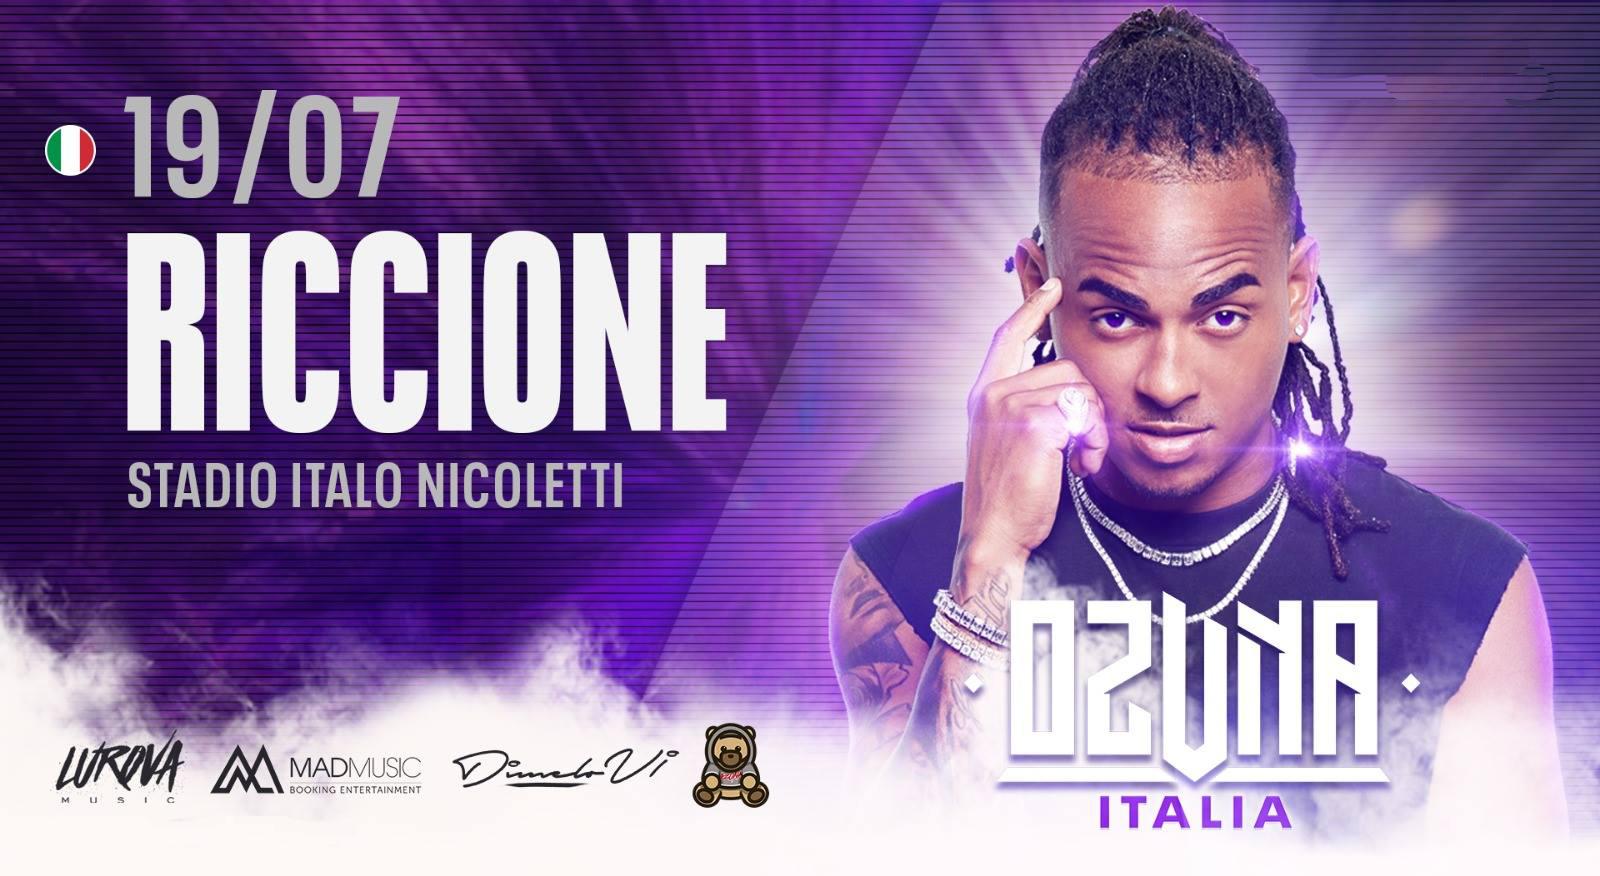 Ozuna in concerto Stadio Comunale Riccione – Venerdì 19 Luglio 2019 – Ticket Pacchetti Hotel